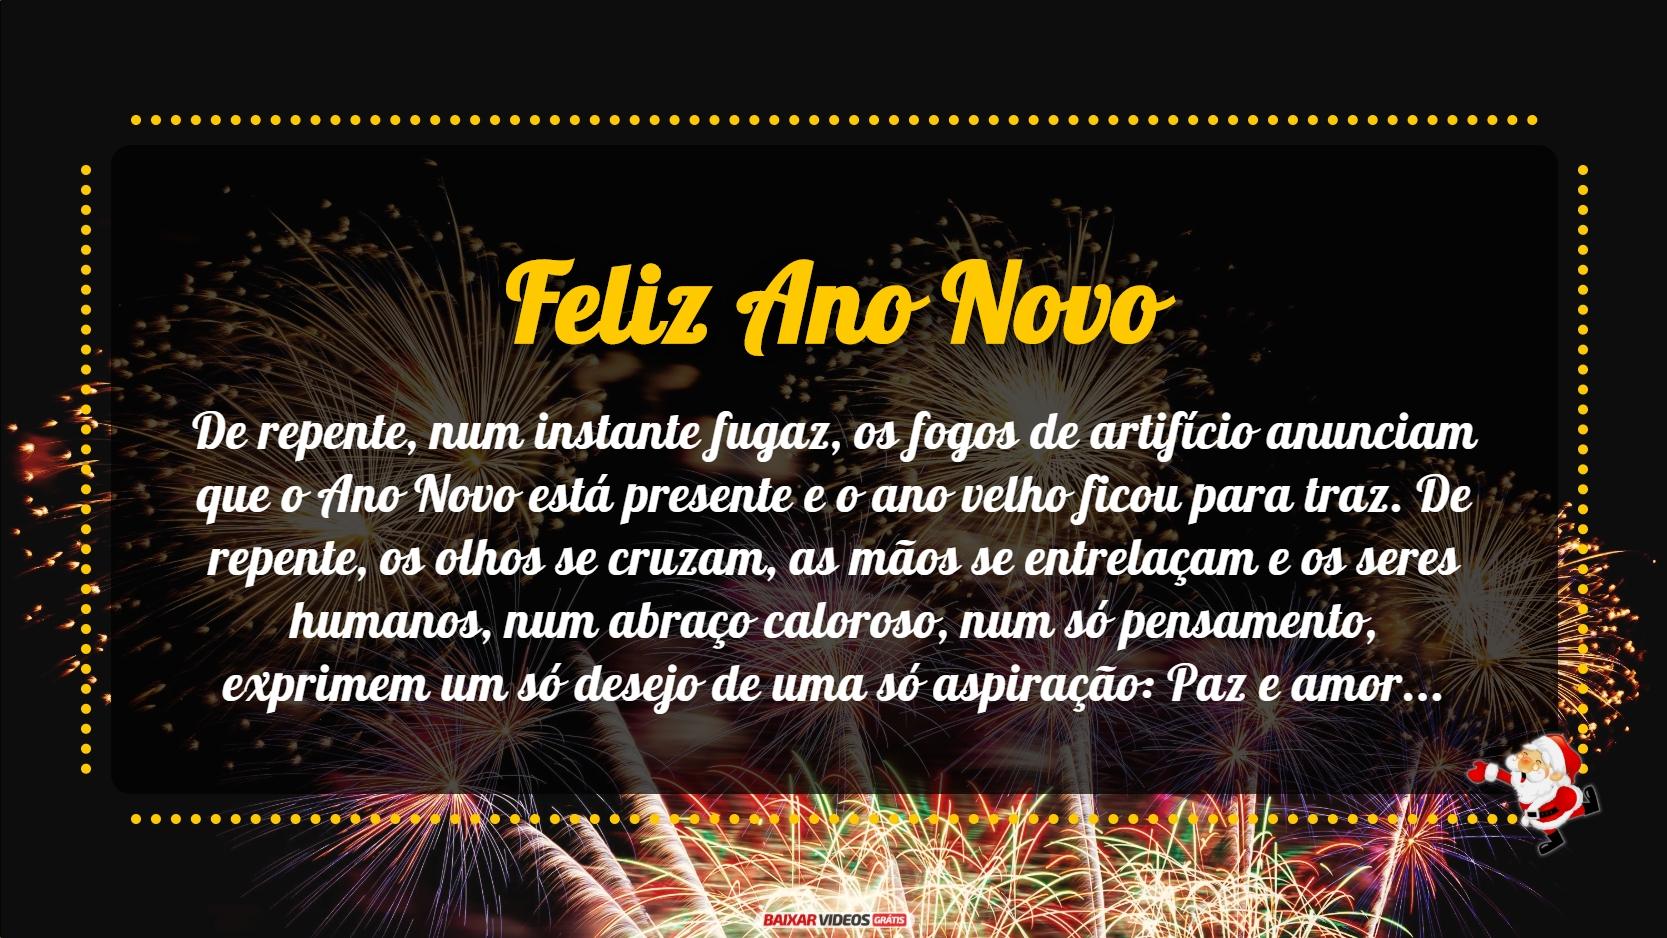 Feliz 2017! De repente, num instante fugaz, os fogos de artifício anunciam que o Ano Novo está presente e o ano velho ficou para traz. De repente, os olhos se cruzam, as mãos se entrelaçam e os seres humanos, num abraço caloroso, num só pensamento, exprimem um só desejo de uma só aspiração: Paz e amor. De repente, não importa a nação, não importa a língua, não importa a cor, não importa a origem, porque todos são humanos e descendentes de um só Pai. De repente, os homens lembram-se da maior dádiva que têm: a vida. De repente, o grito de alegria, pelo Novo Ano que aparece e o sentimento de renovação que floresce. Feliz Ano Novo!